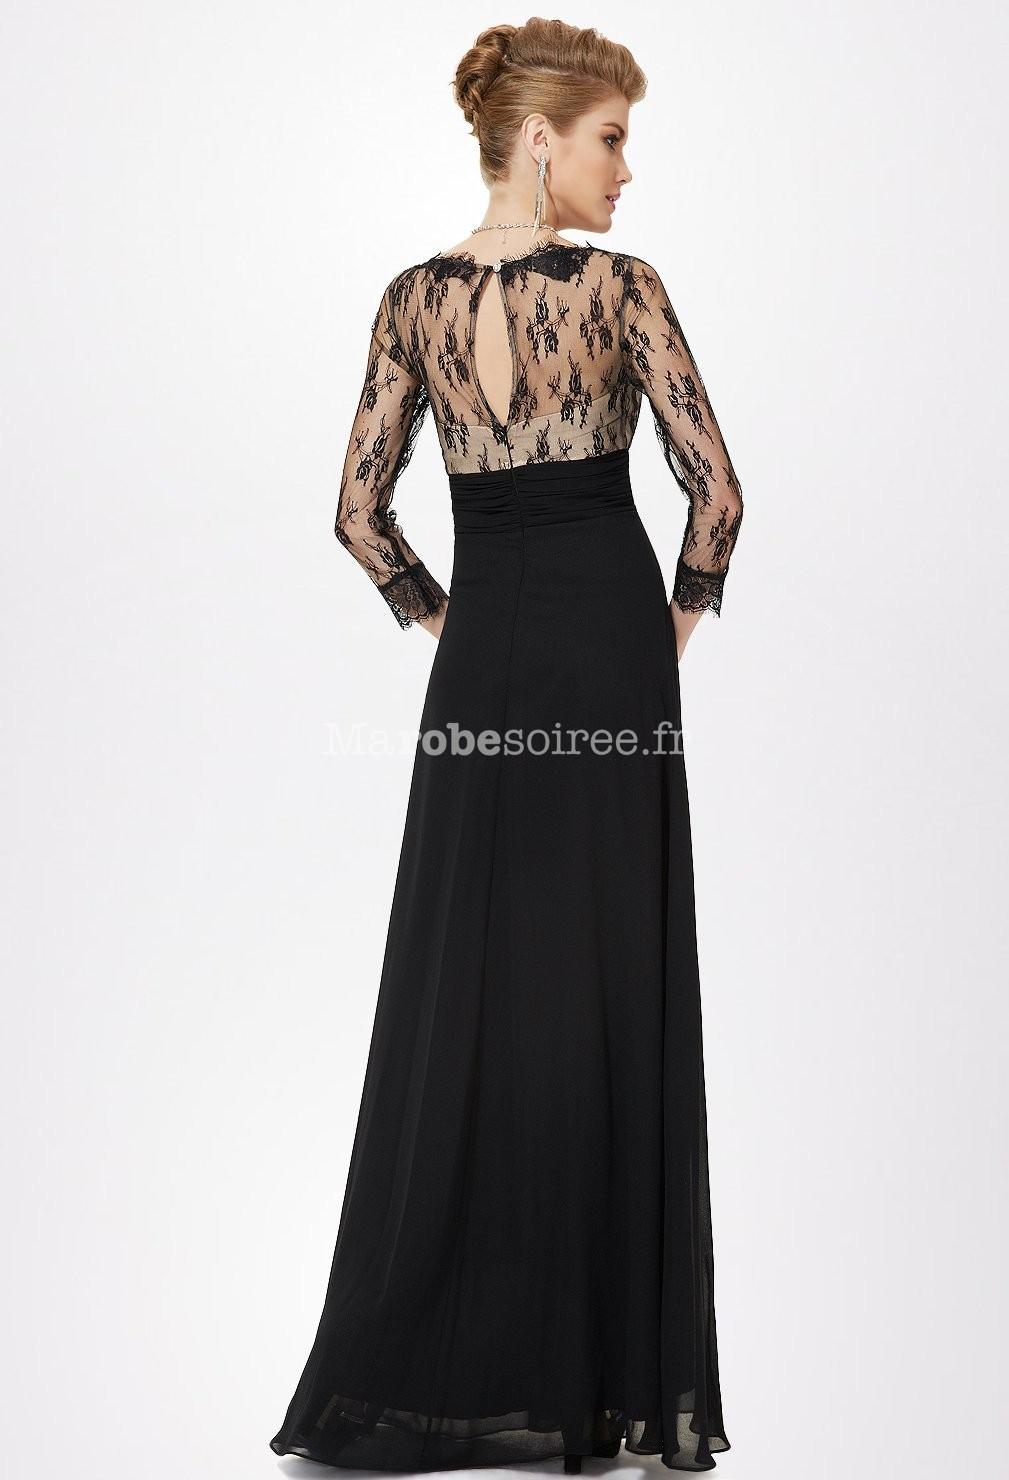 robe de soiree longue avec manche dentelle. Black Bedroom Furniture Sets. Home Design Ideas